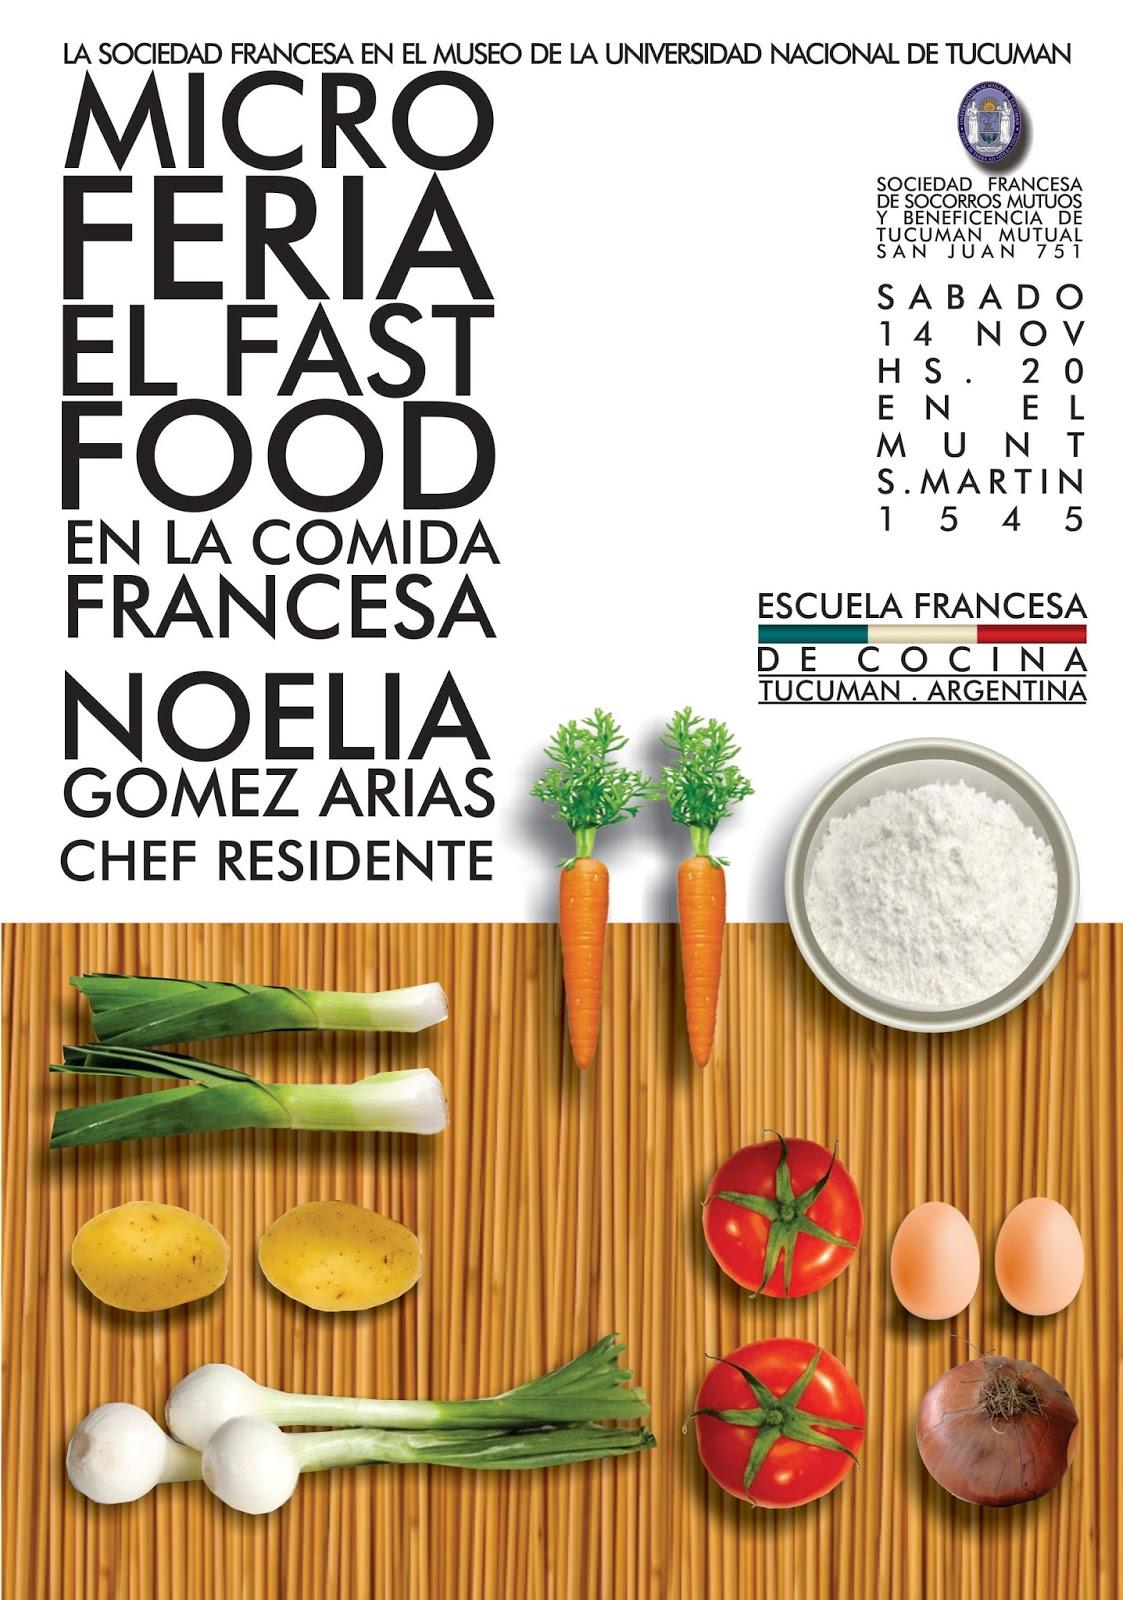 Sociedad francesa de tucum n comida francesa de fusion en for Caracteristicas de la gastronomia francesa